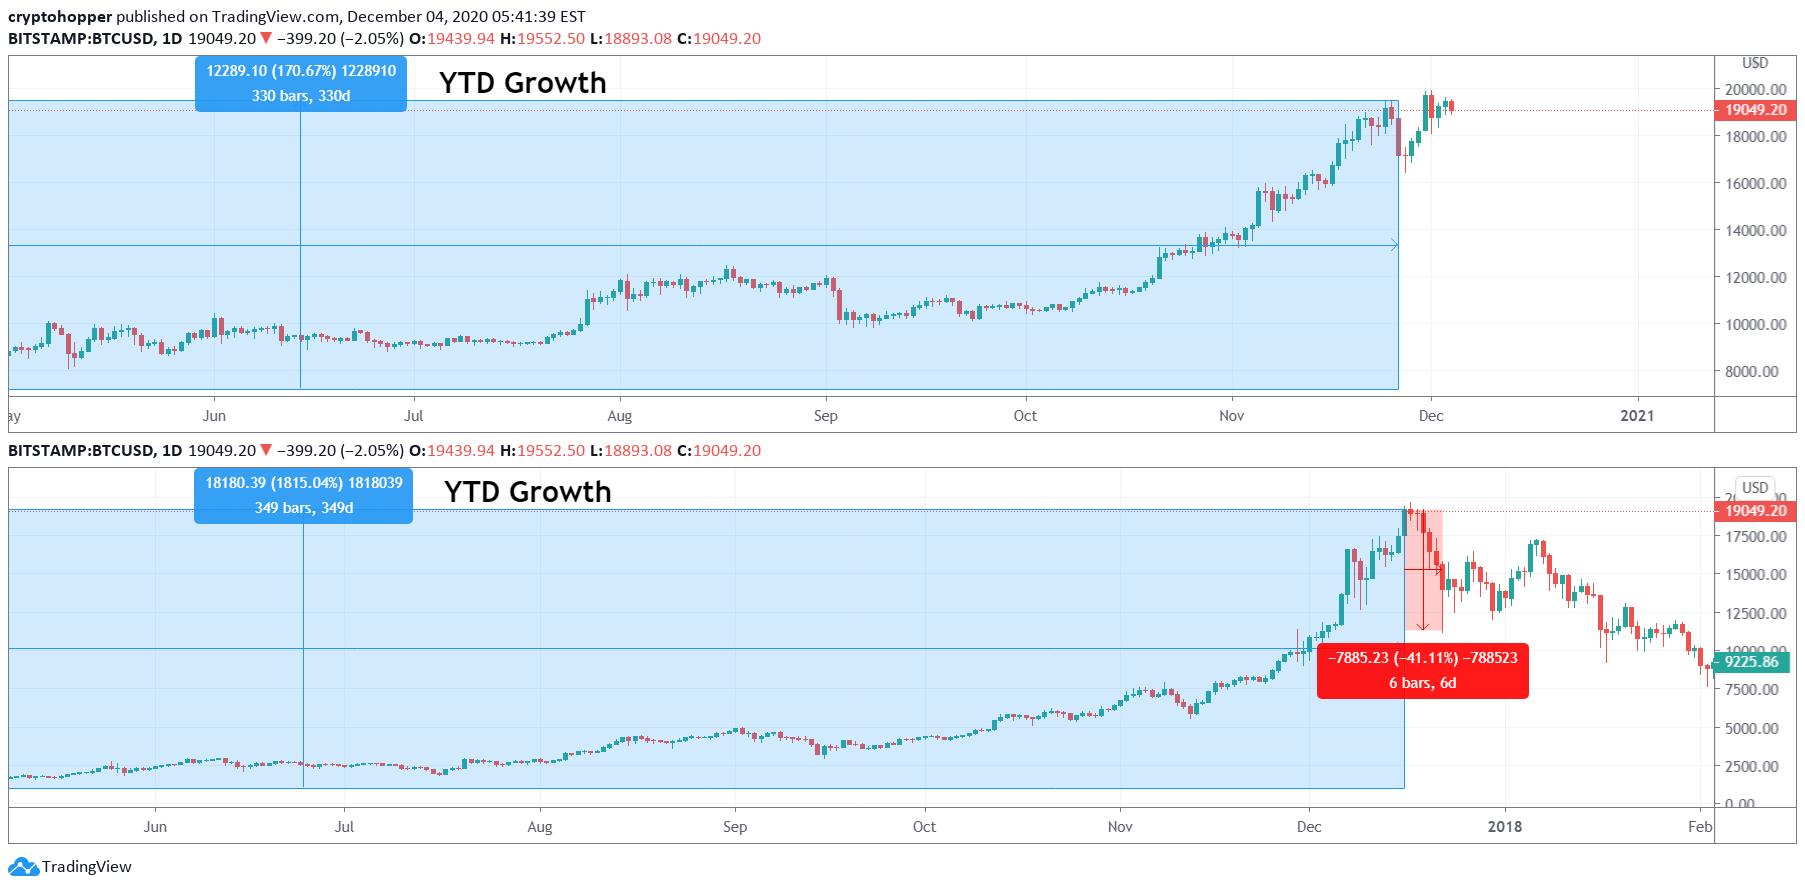 Comparație de schimb: Kraken vs Bitstamp - Dobrebit Coin